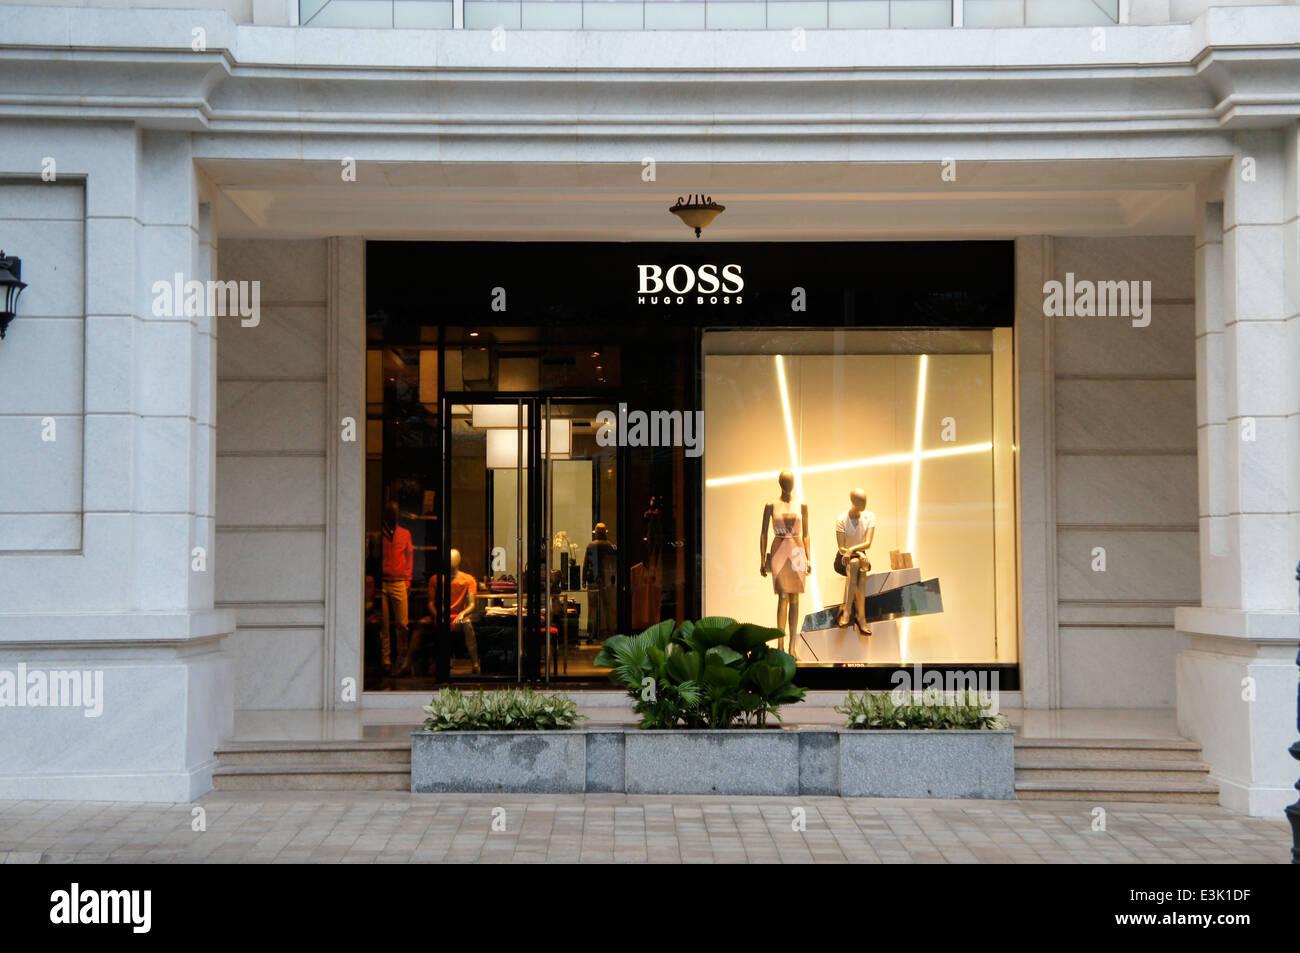 Célèbre Marque Allemande Boutiques Nom Affichage Fenêtre à Ho Chi